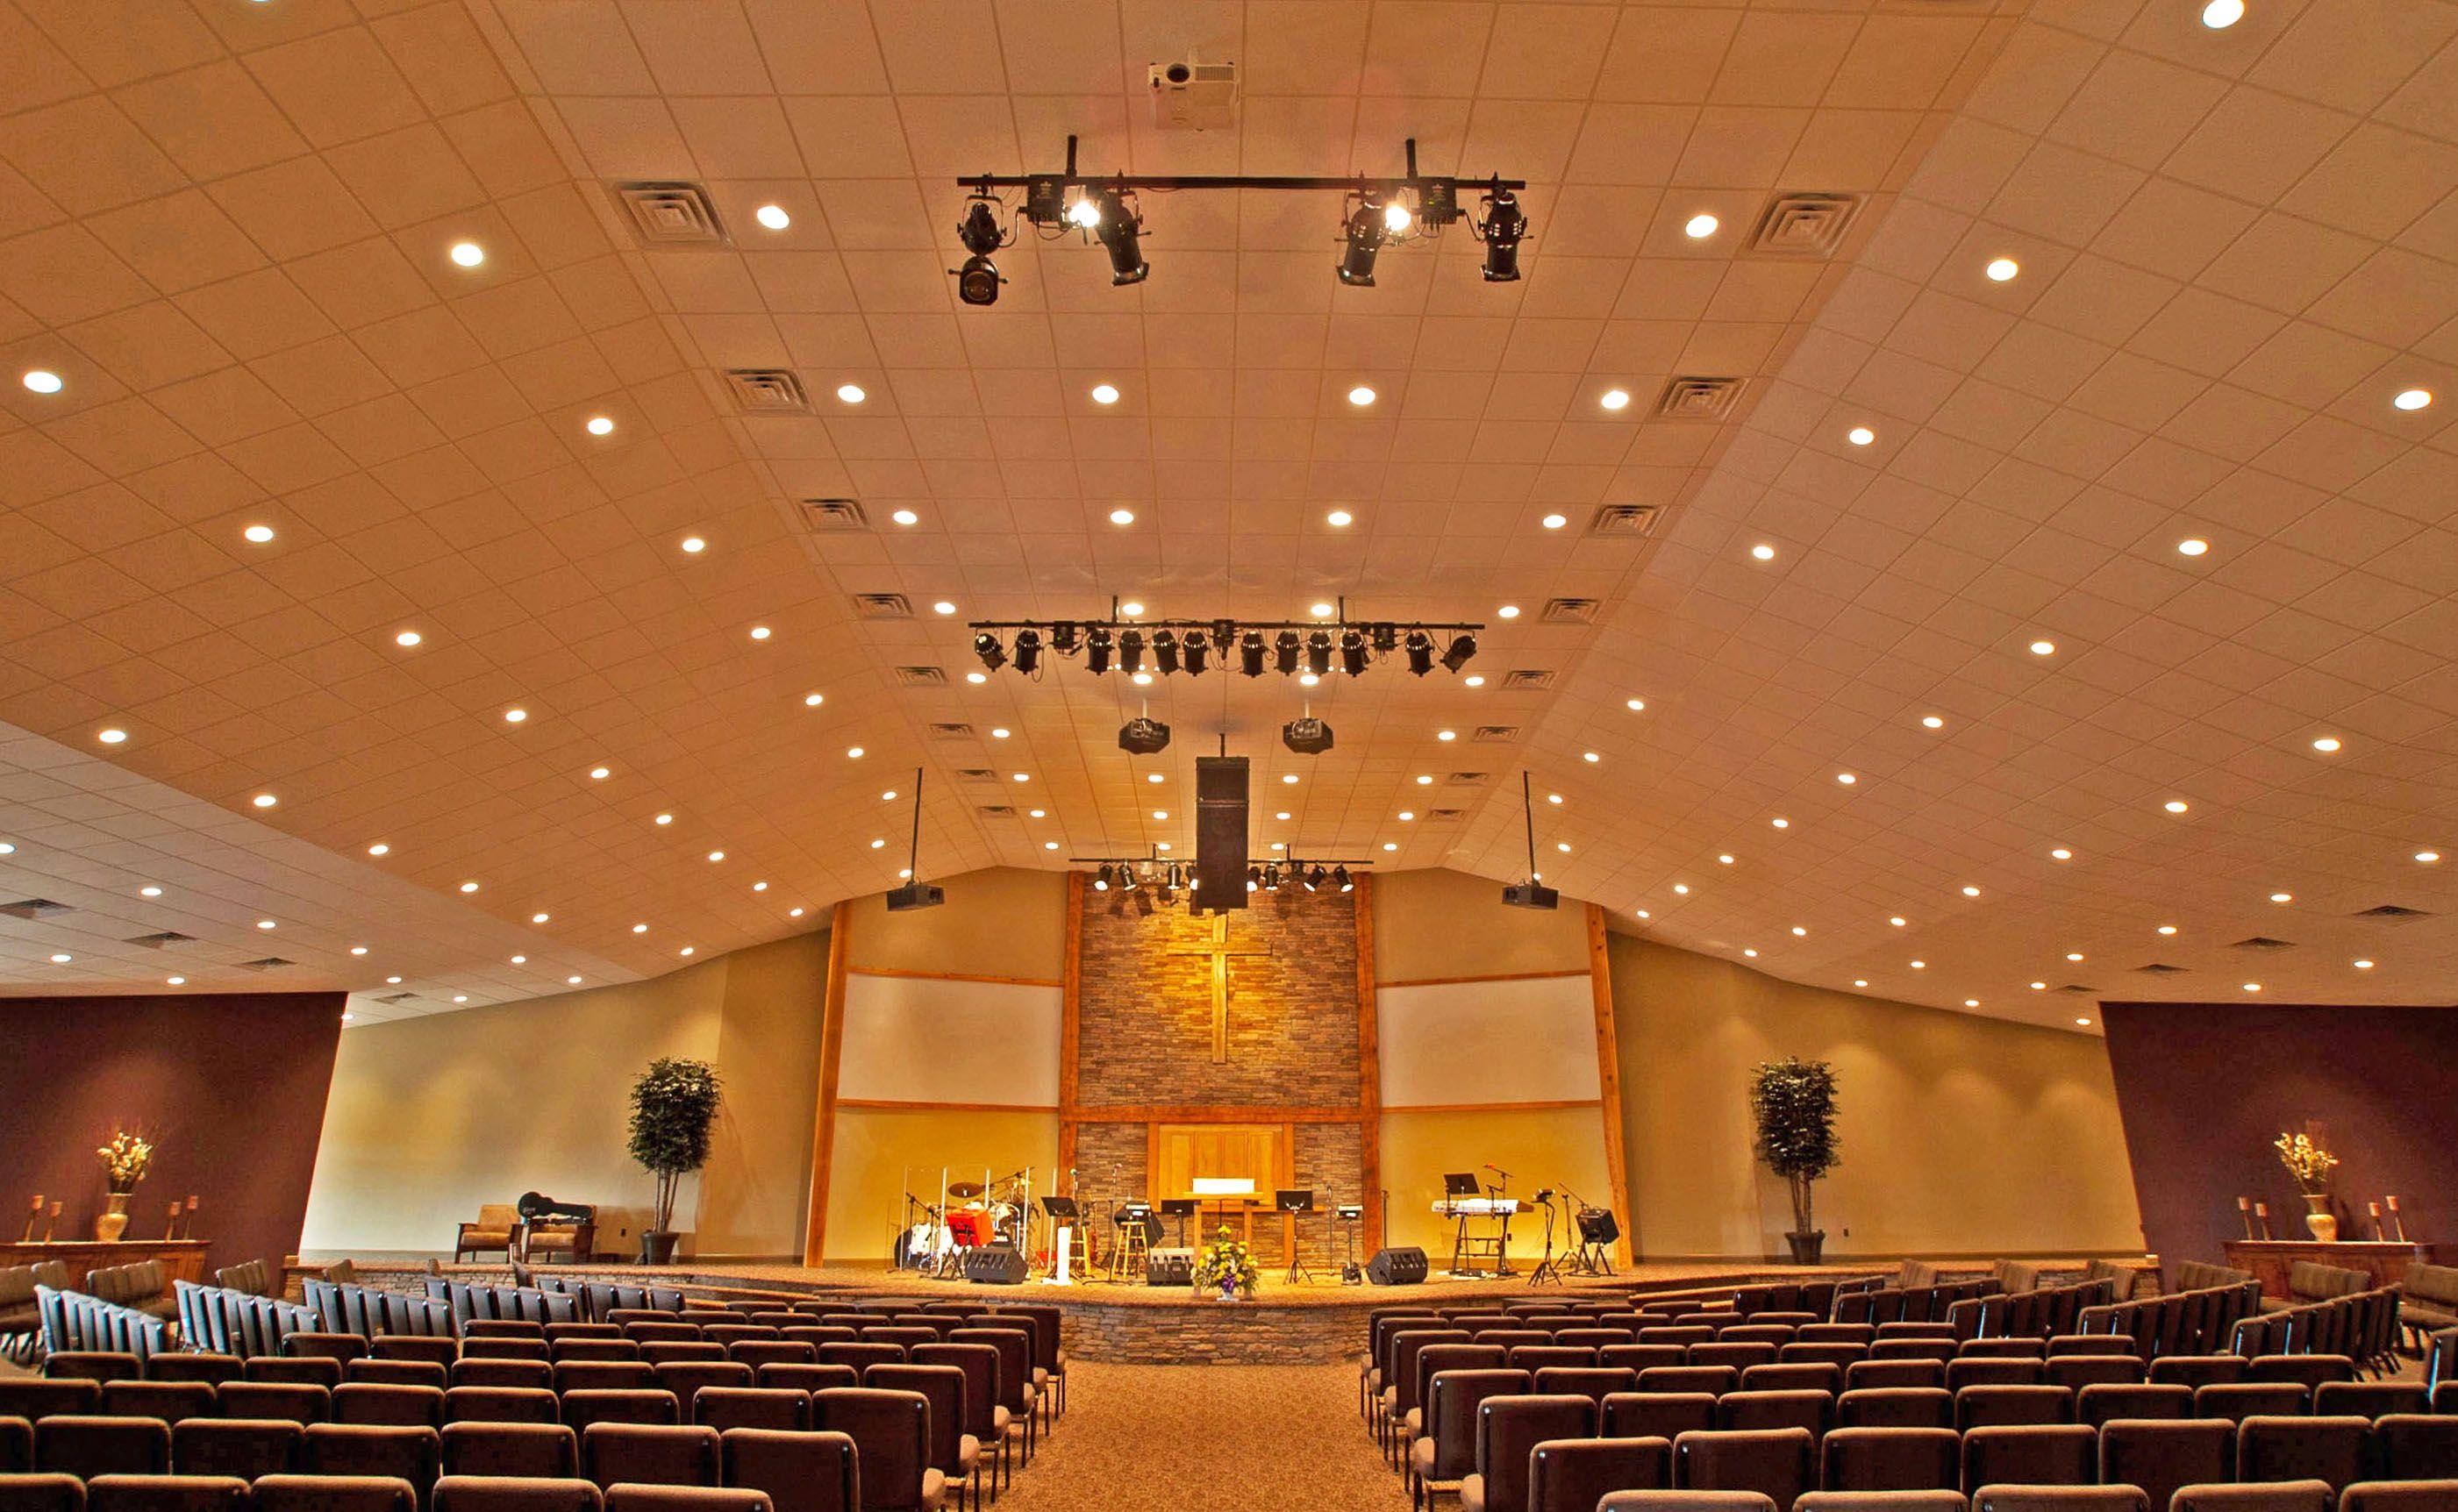 Ceiling Lights Church Design Pinterest